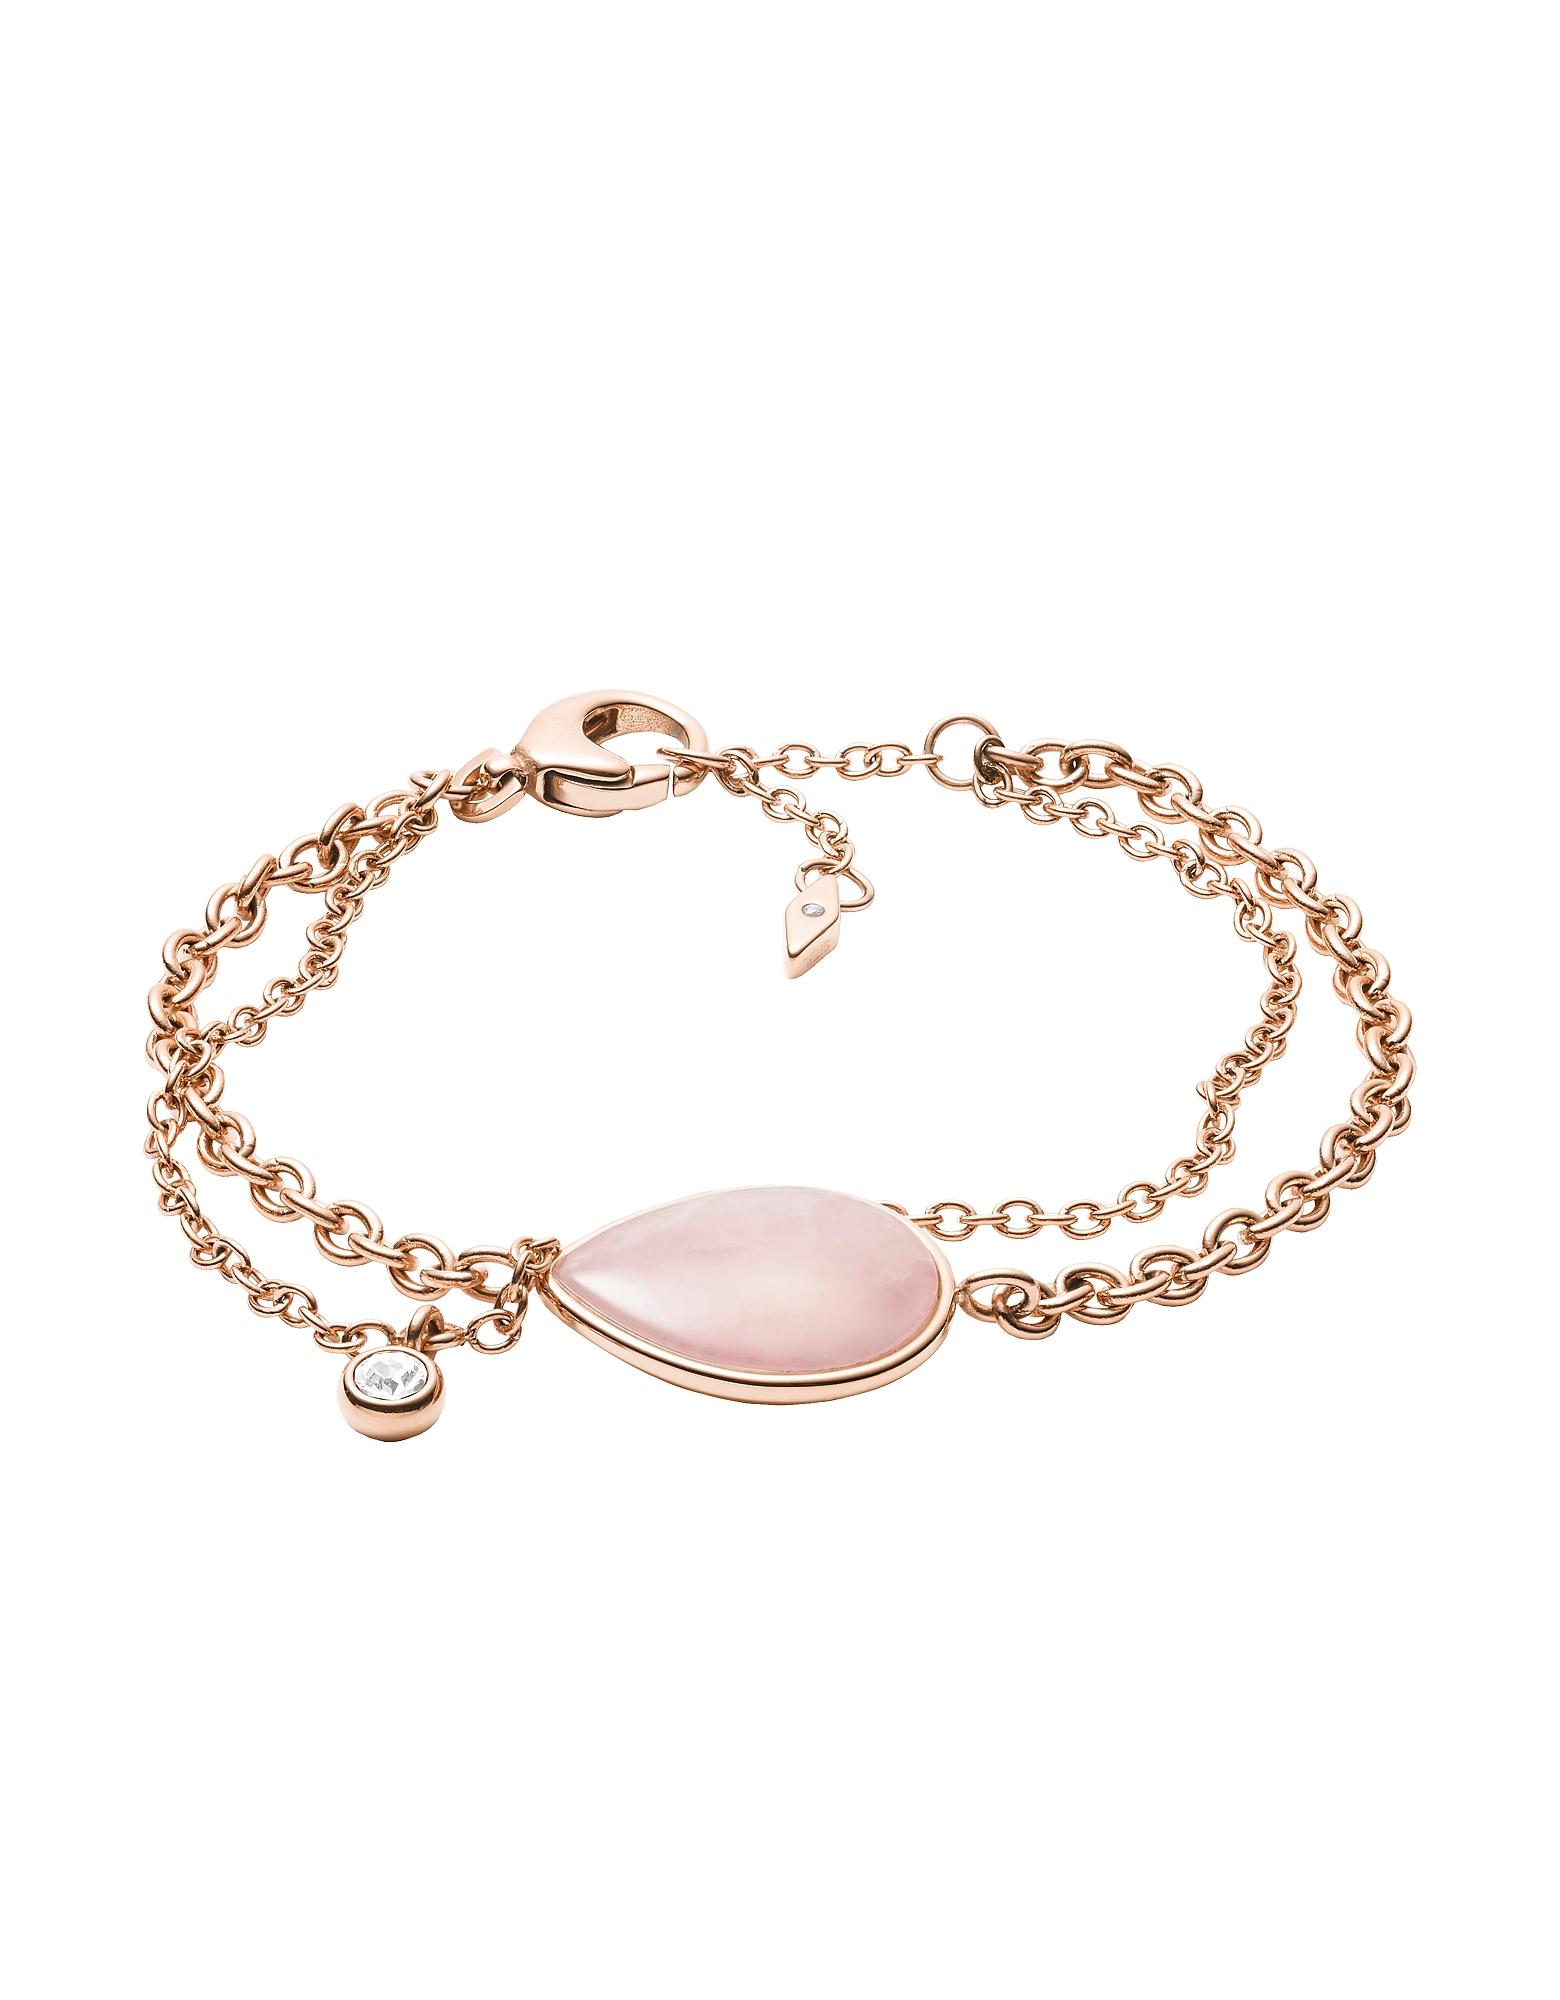 Fossil Bracelets, Women's Teardrop Pink Semi-Precious Bracelet